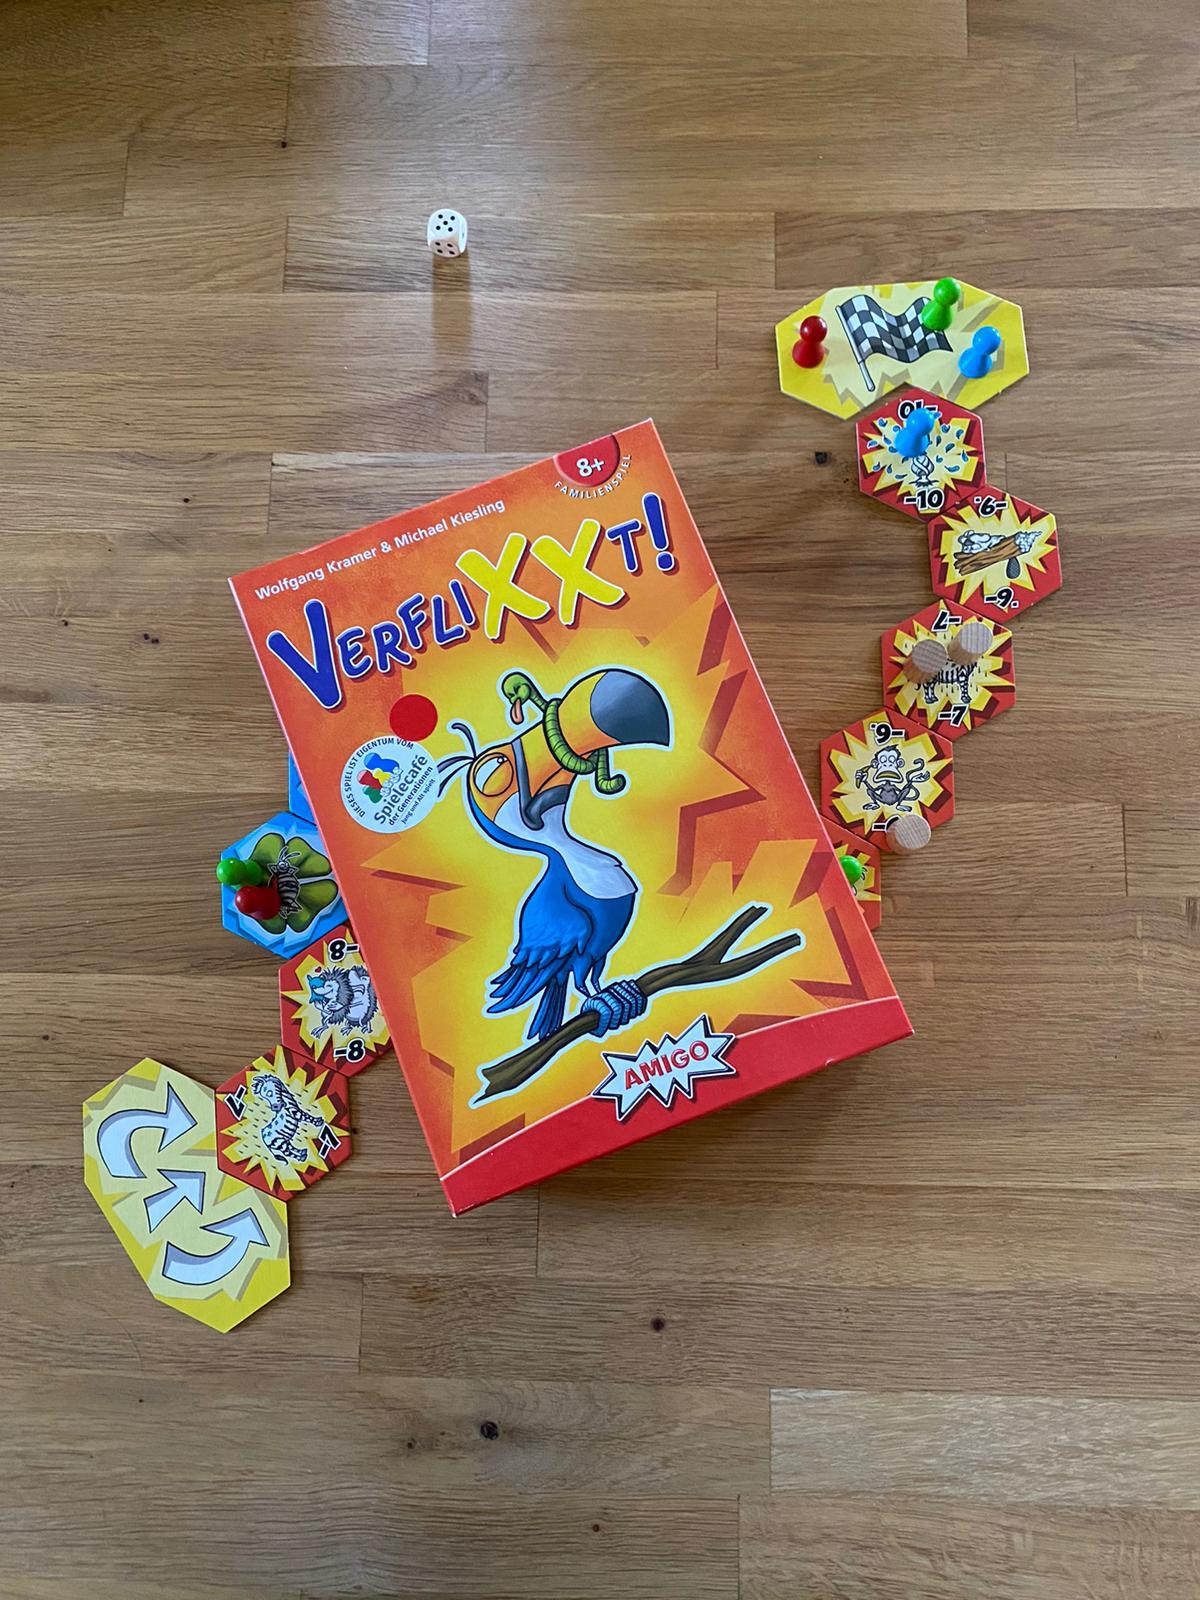 Zu sehen ist das Spielmaterial von Verflixxt sowie die Verpackung